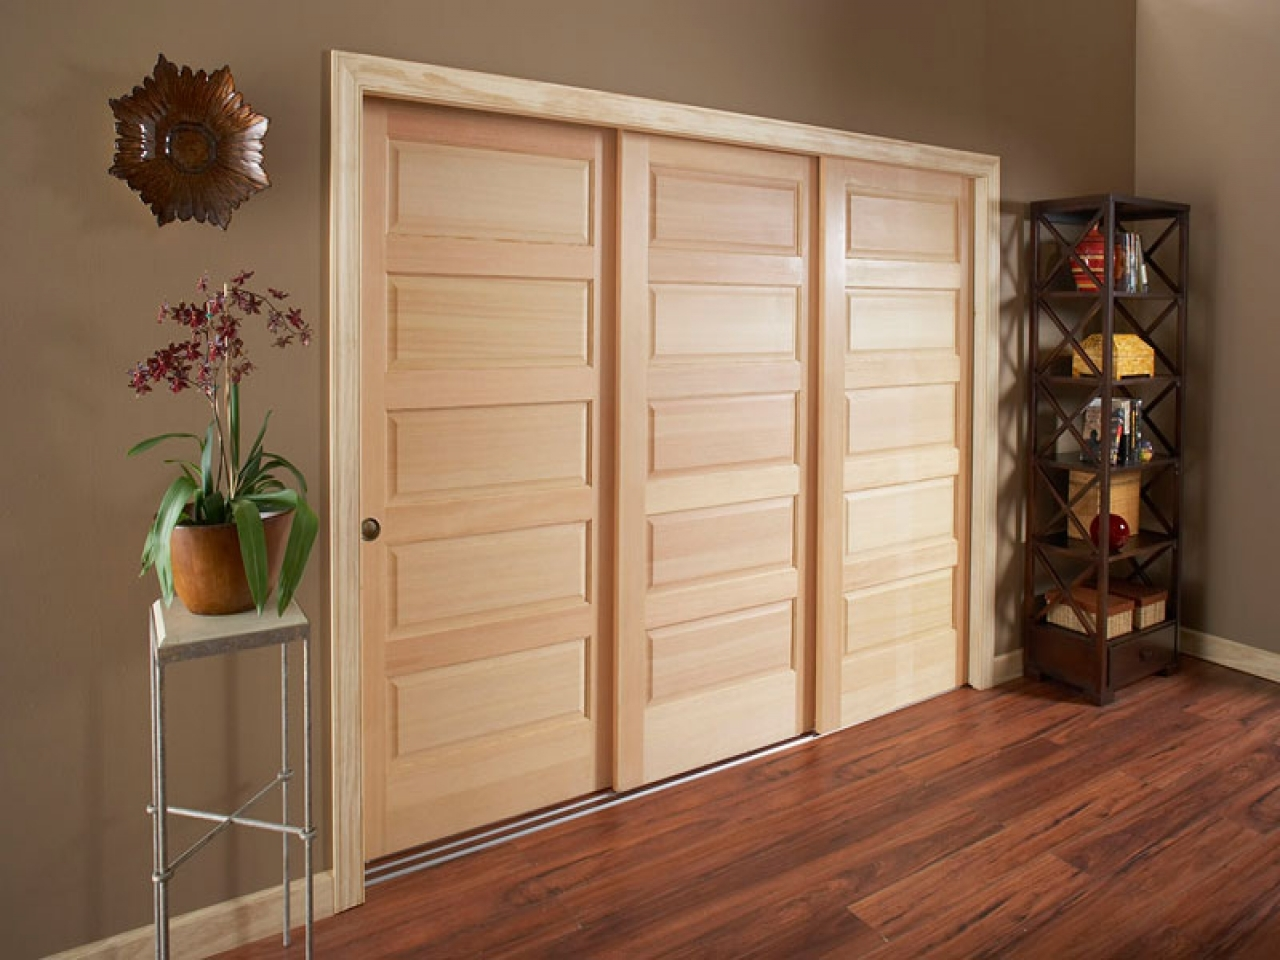 Wooden Sliding Closet Door Hardware1280 X 960